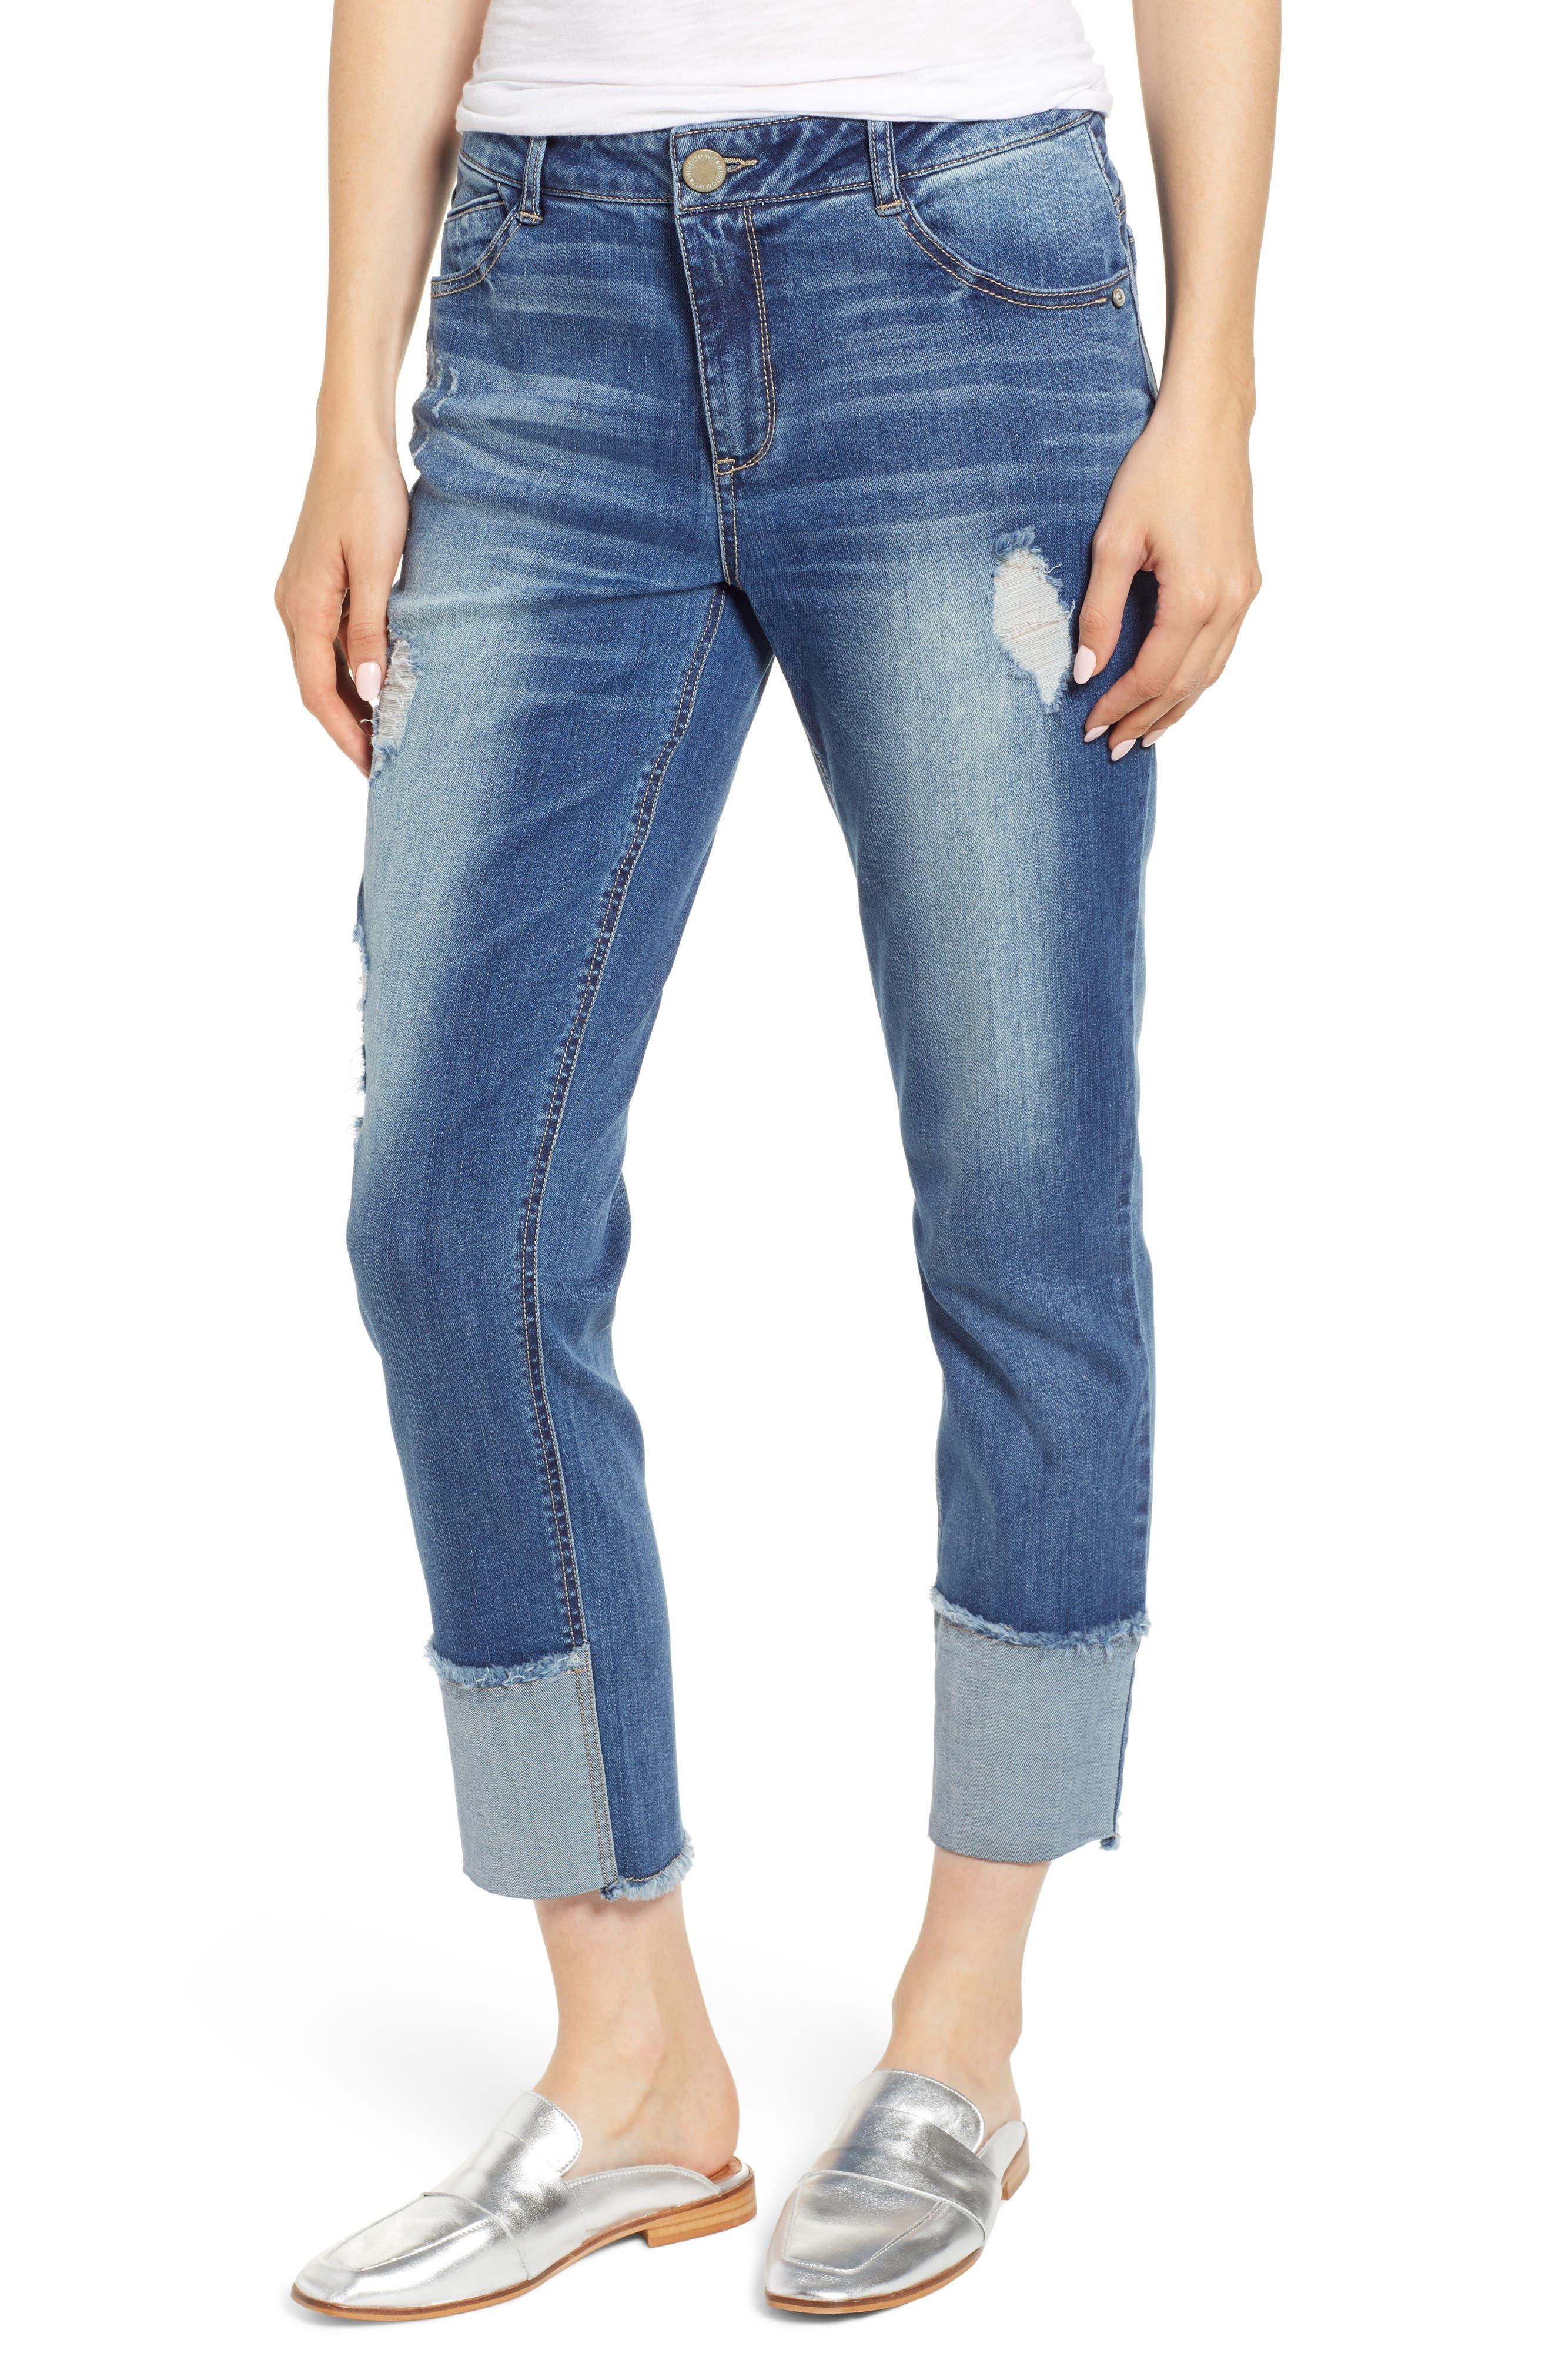 WIT & WISDOM, Flex-ellent Distressed Straight Leg Jeans, Main thumbnail 1, color, BLUE